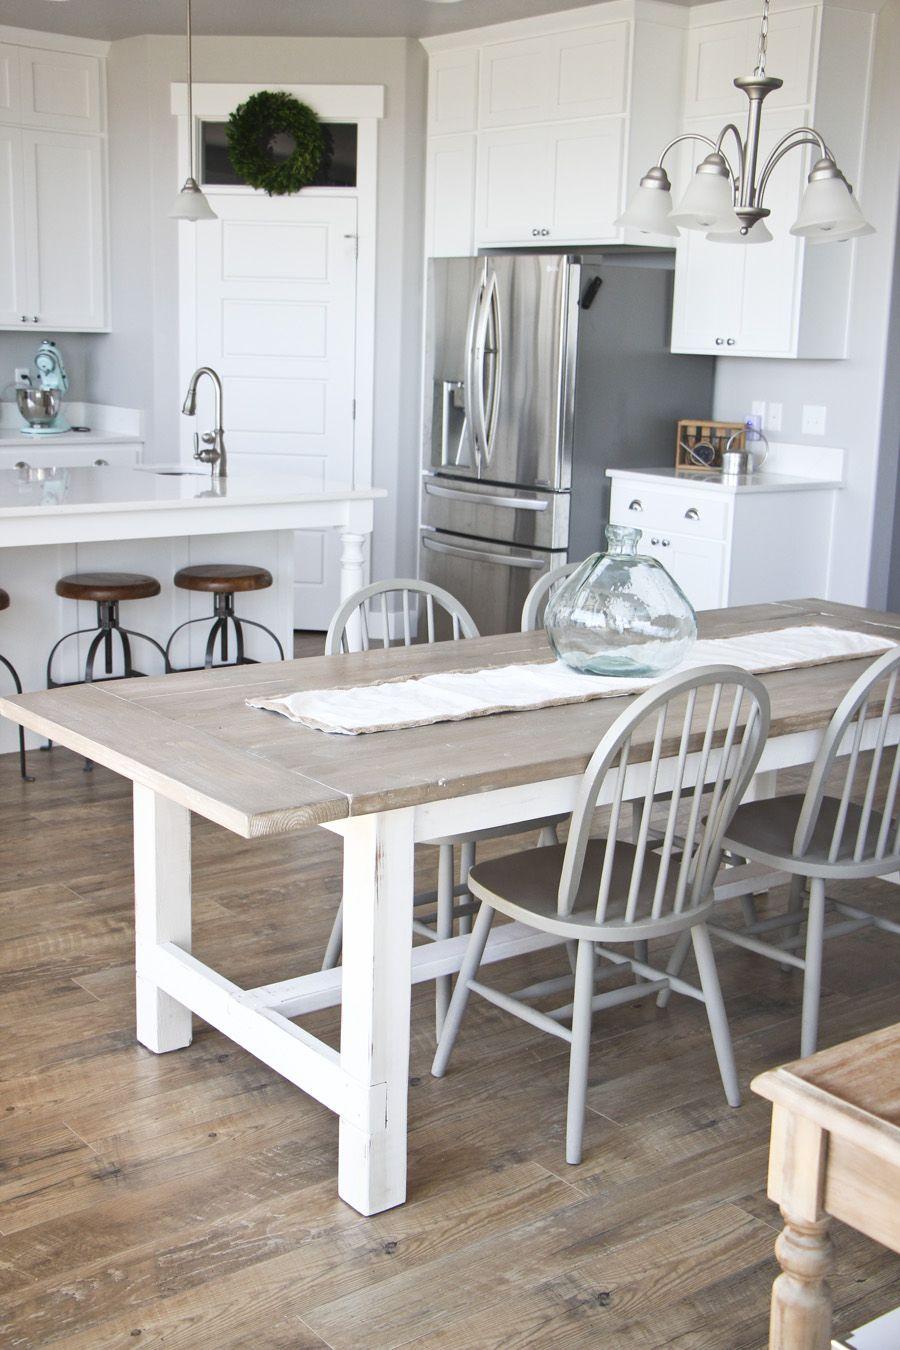 DIY Farmhouse Table and Bench Farmhouse table plans